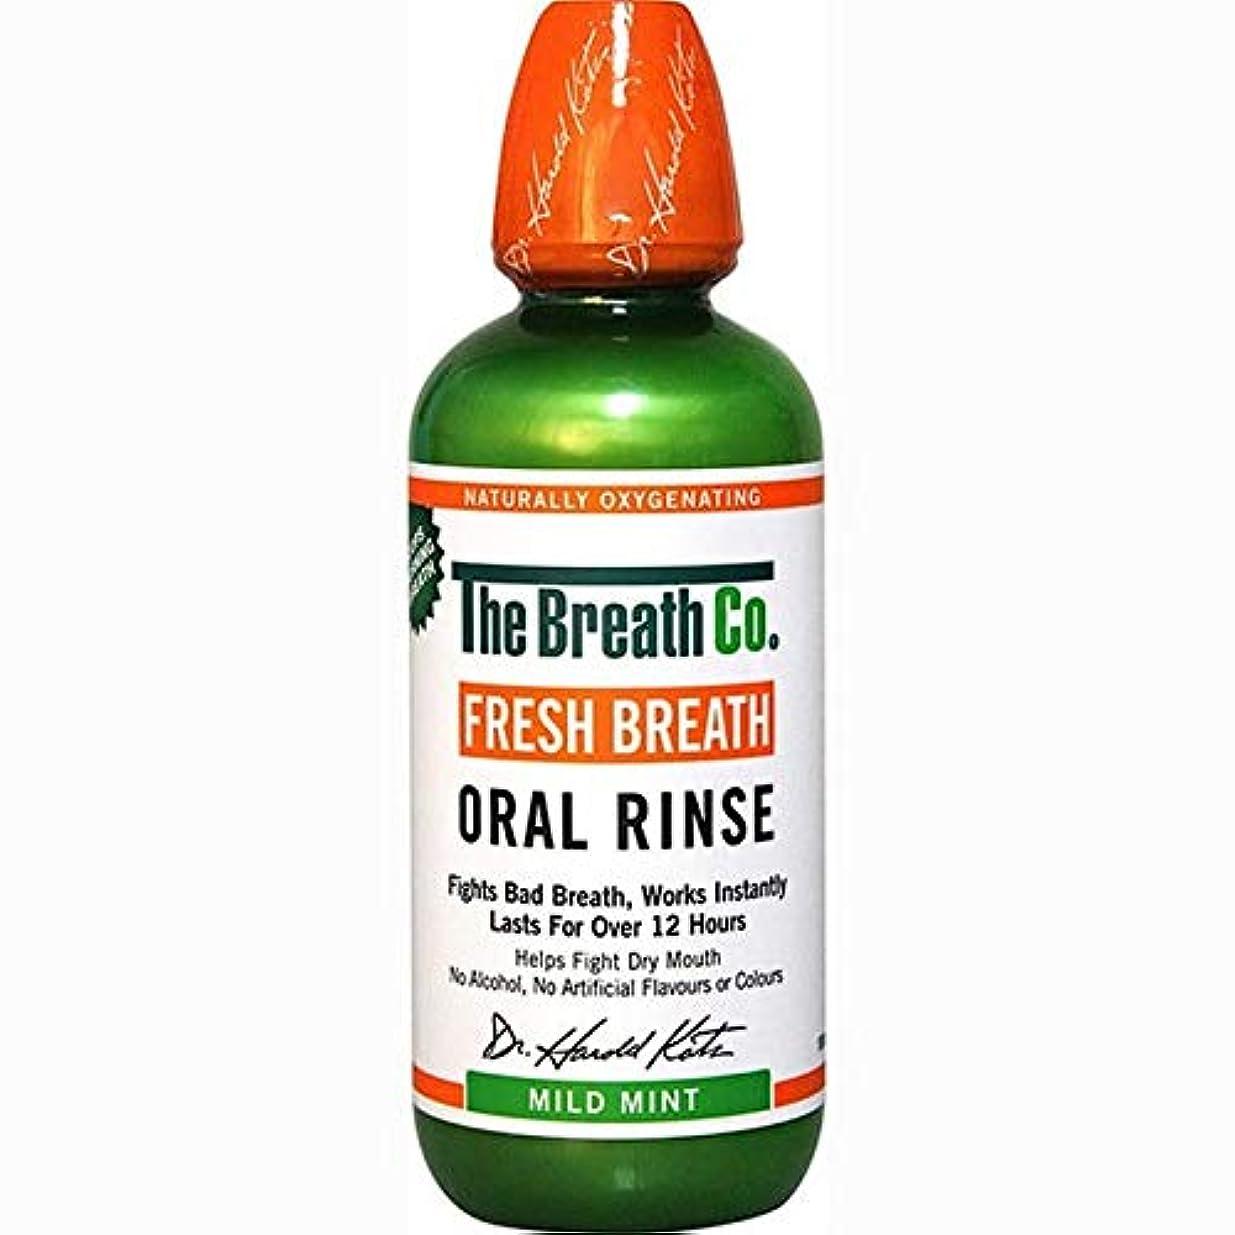 驚いたことに壊れたクラウン[The Breath Co] 息のCo新鮮な息口腔リンスマイルドミント500ミリリットル - The Breath Co Fresh Breath Oral Rinse Mild Mint 500ml [並行輸入品]